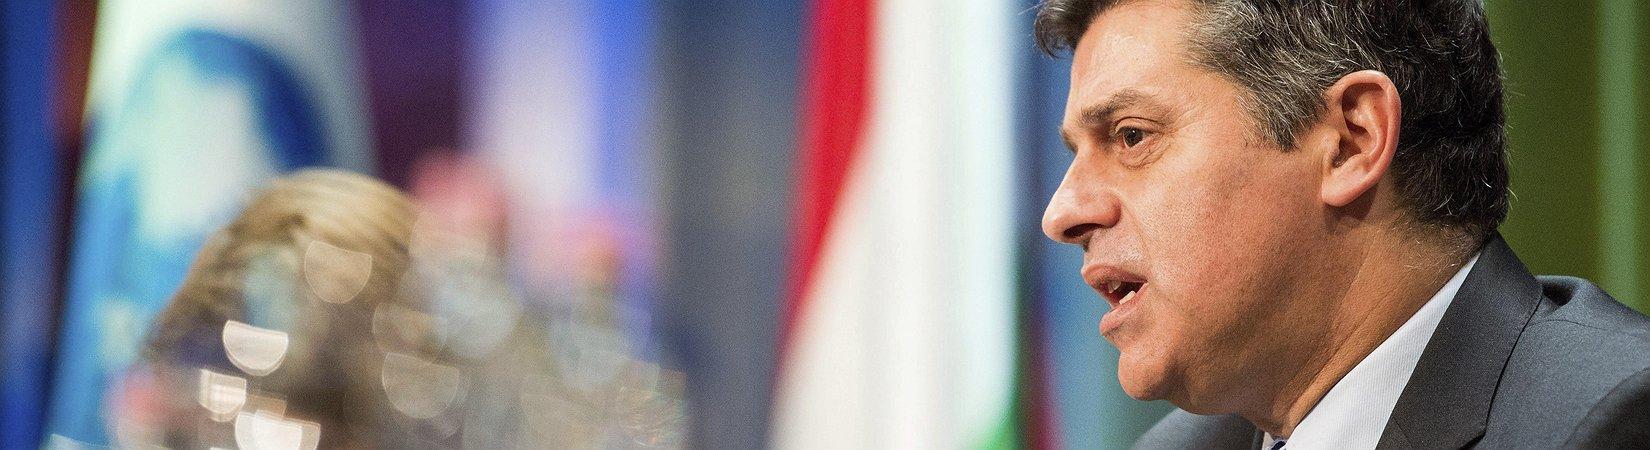 Ministro da Economia destaca sectores por detrás do crescimento da economia portuguesa